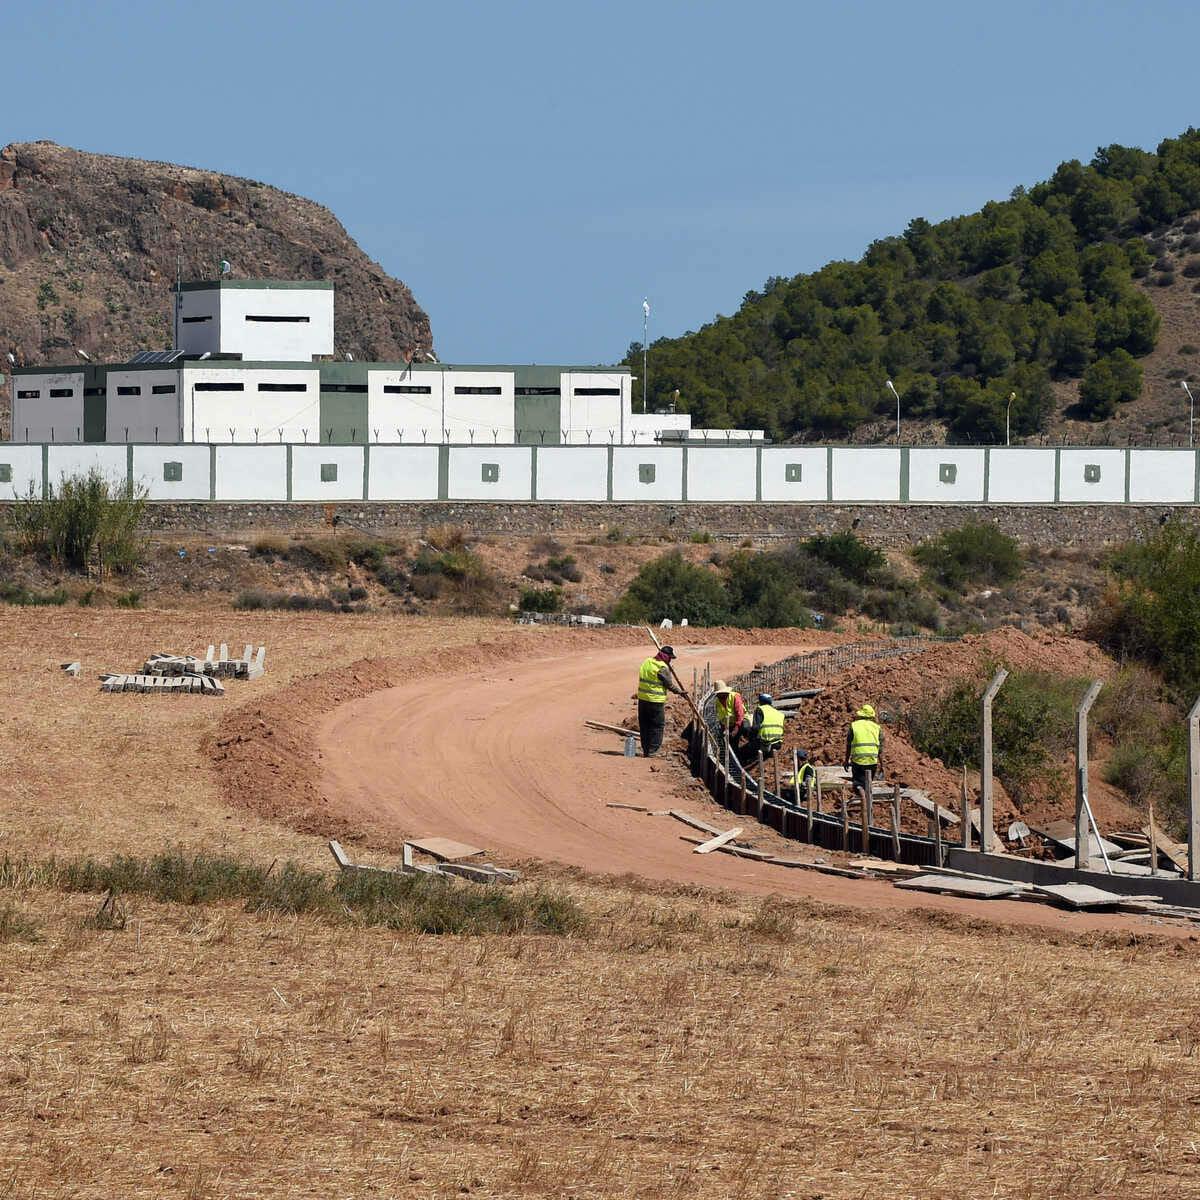 المنطقة الحدودية بين الجزائر والمغرب